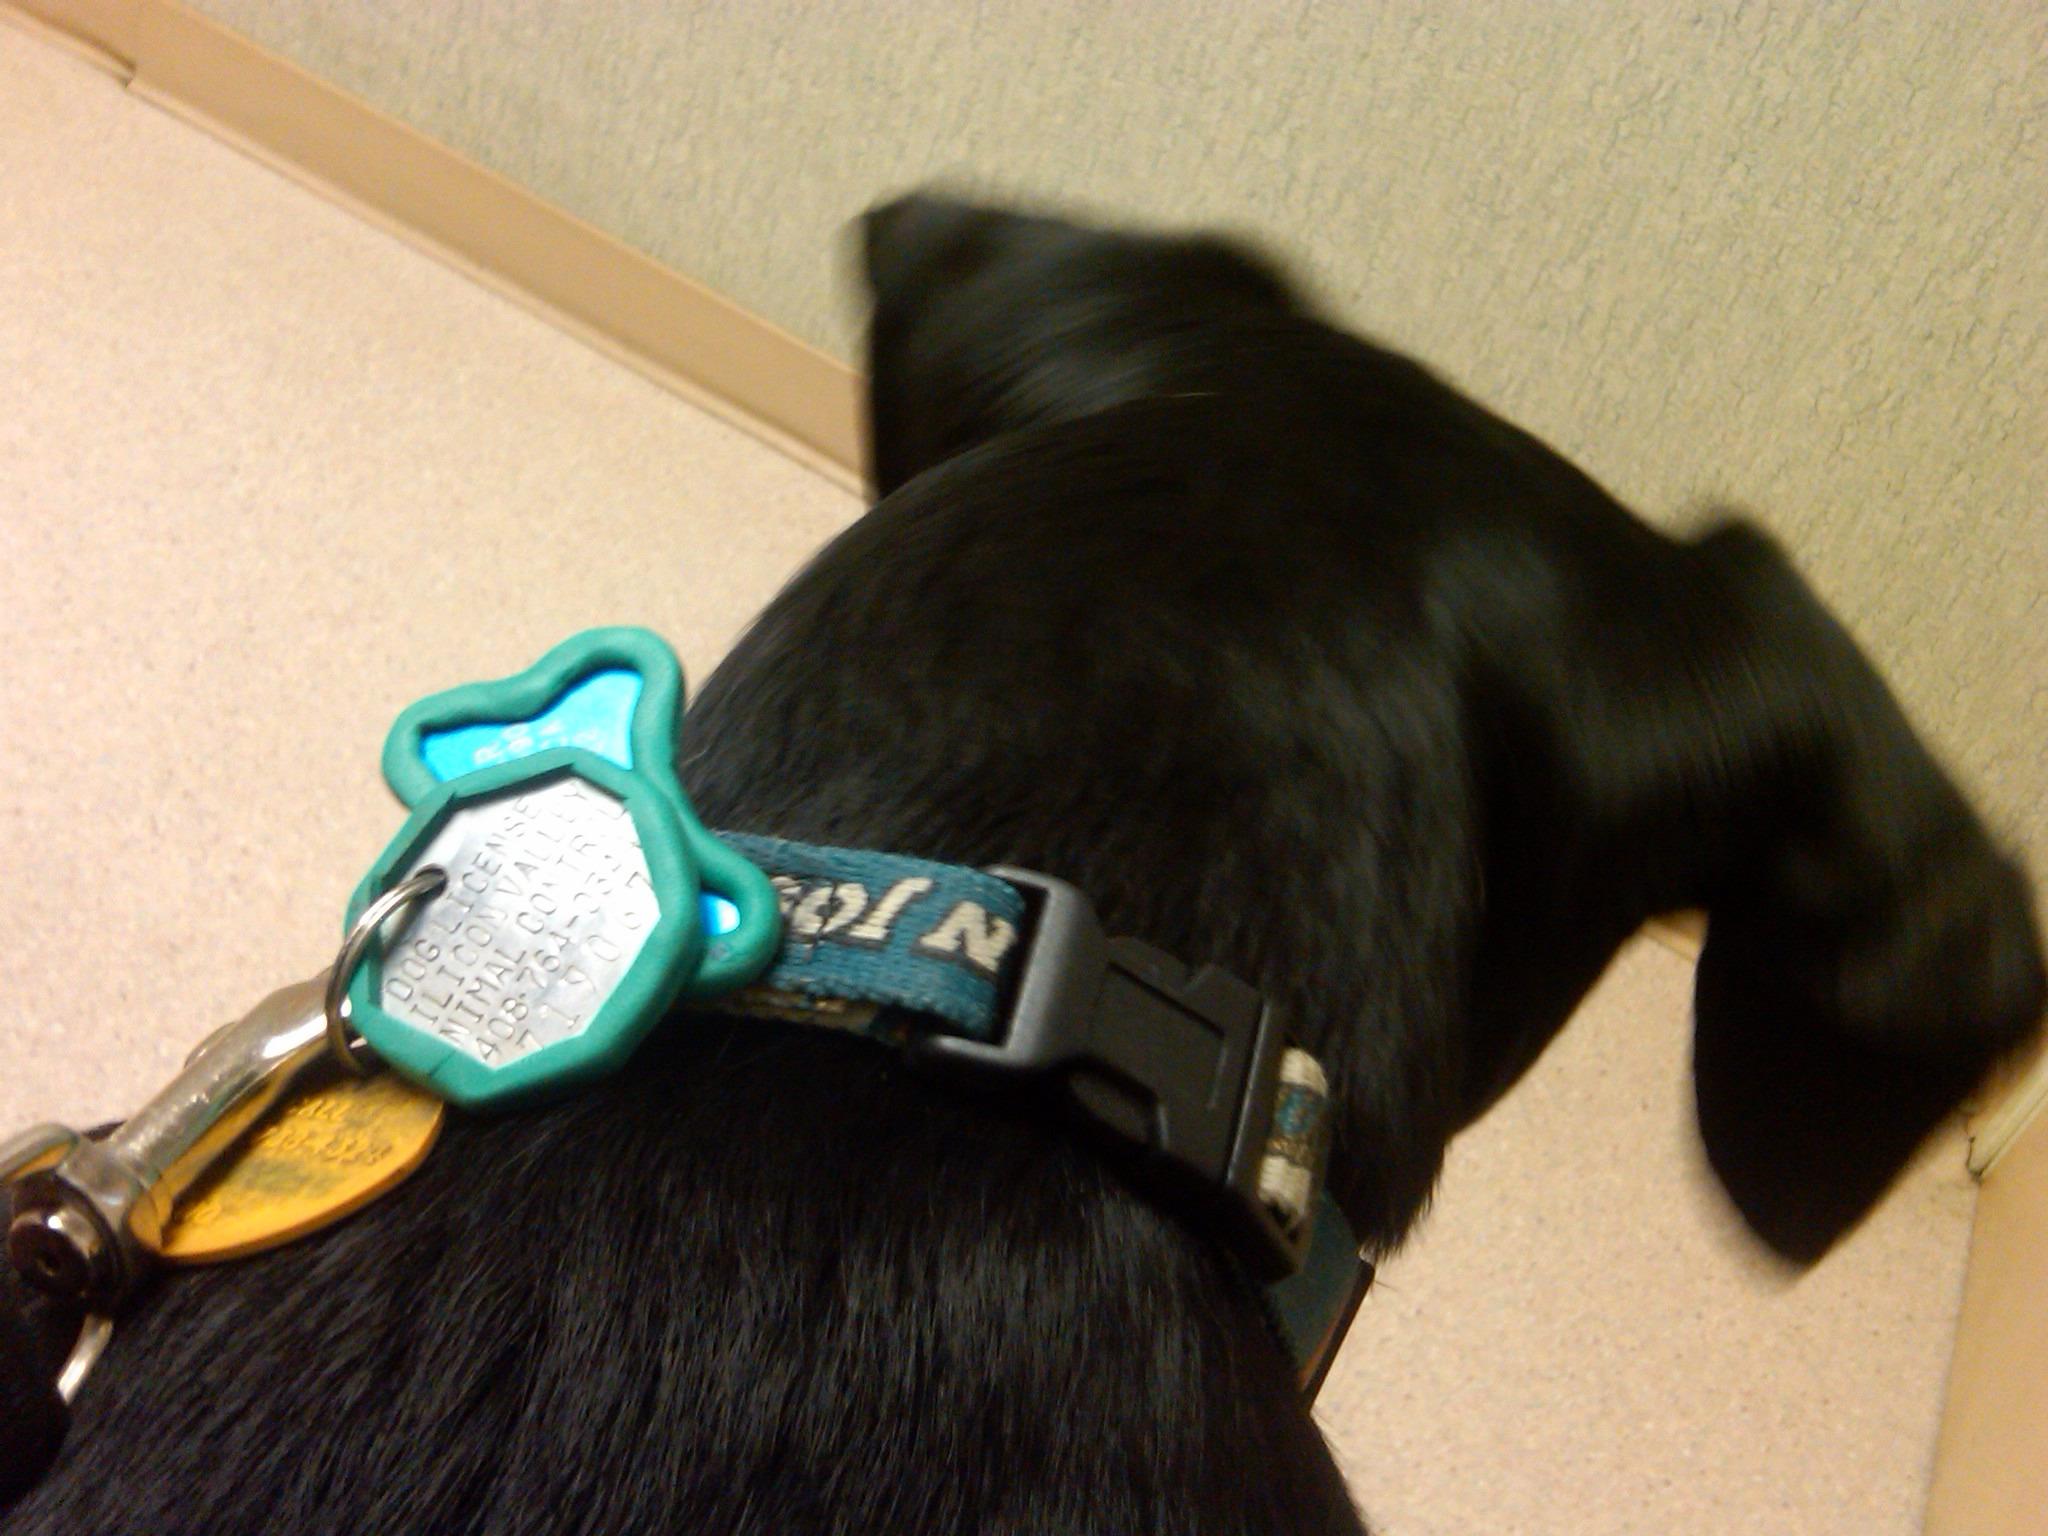 Silencing noisy dog tags